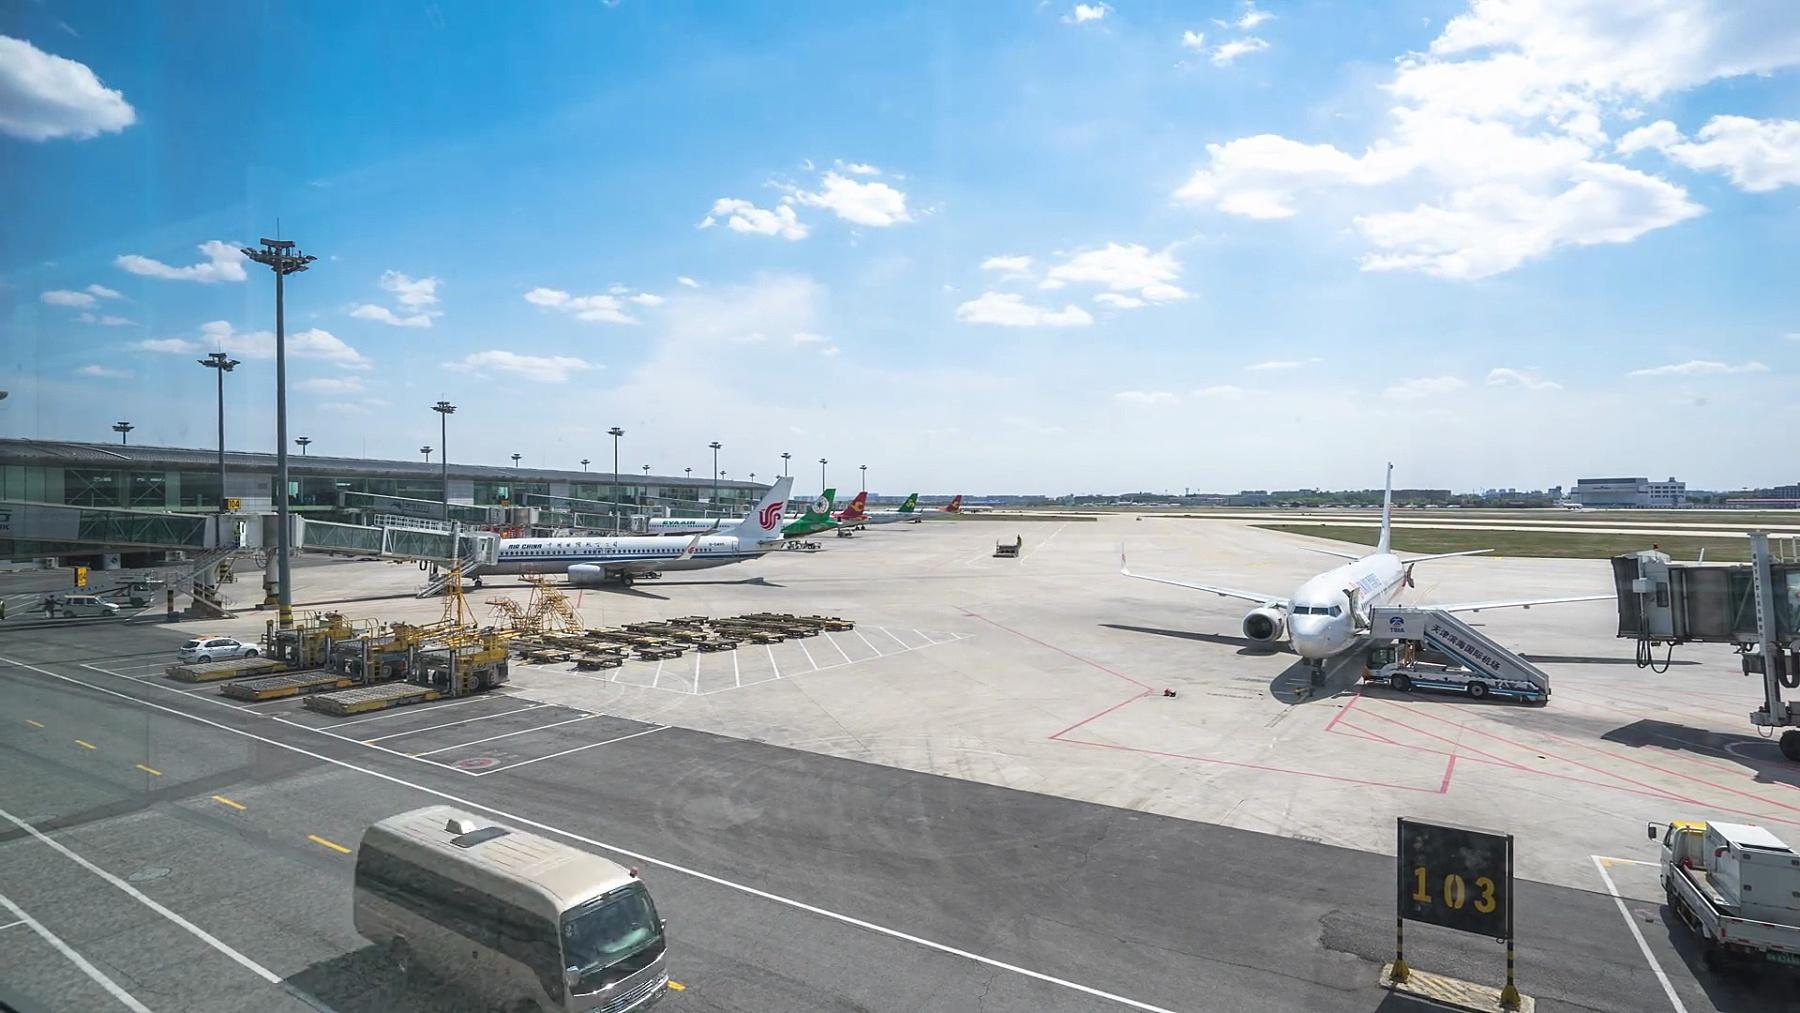 蓝天下天津机场上的飞机。时间间隔